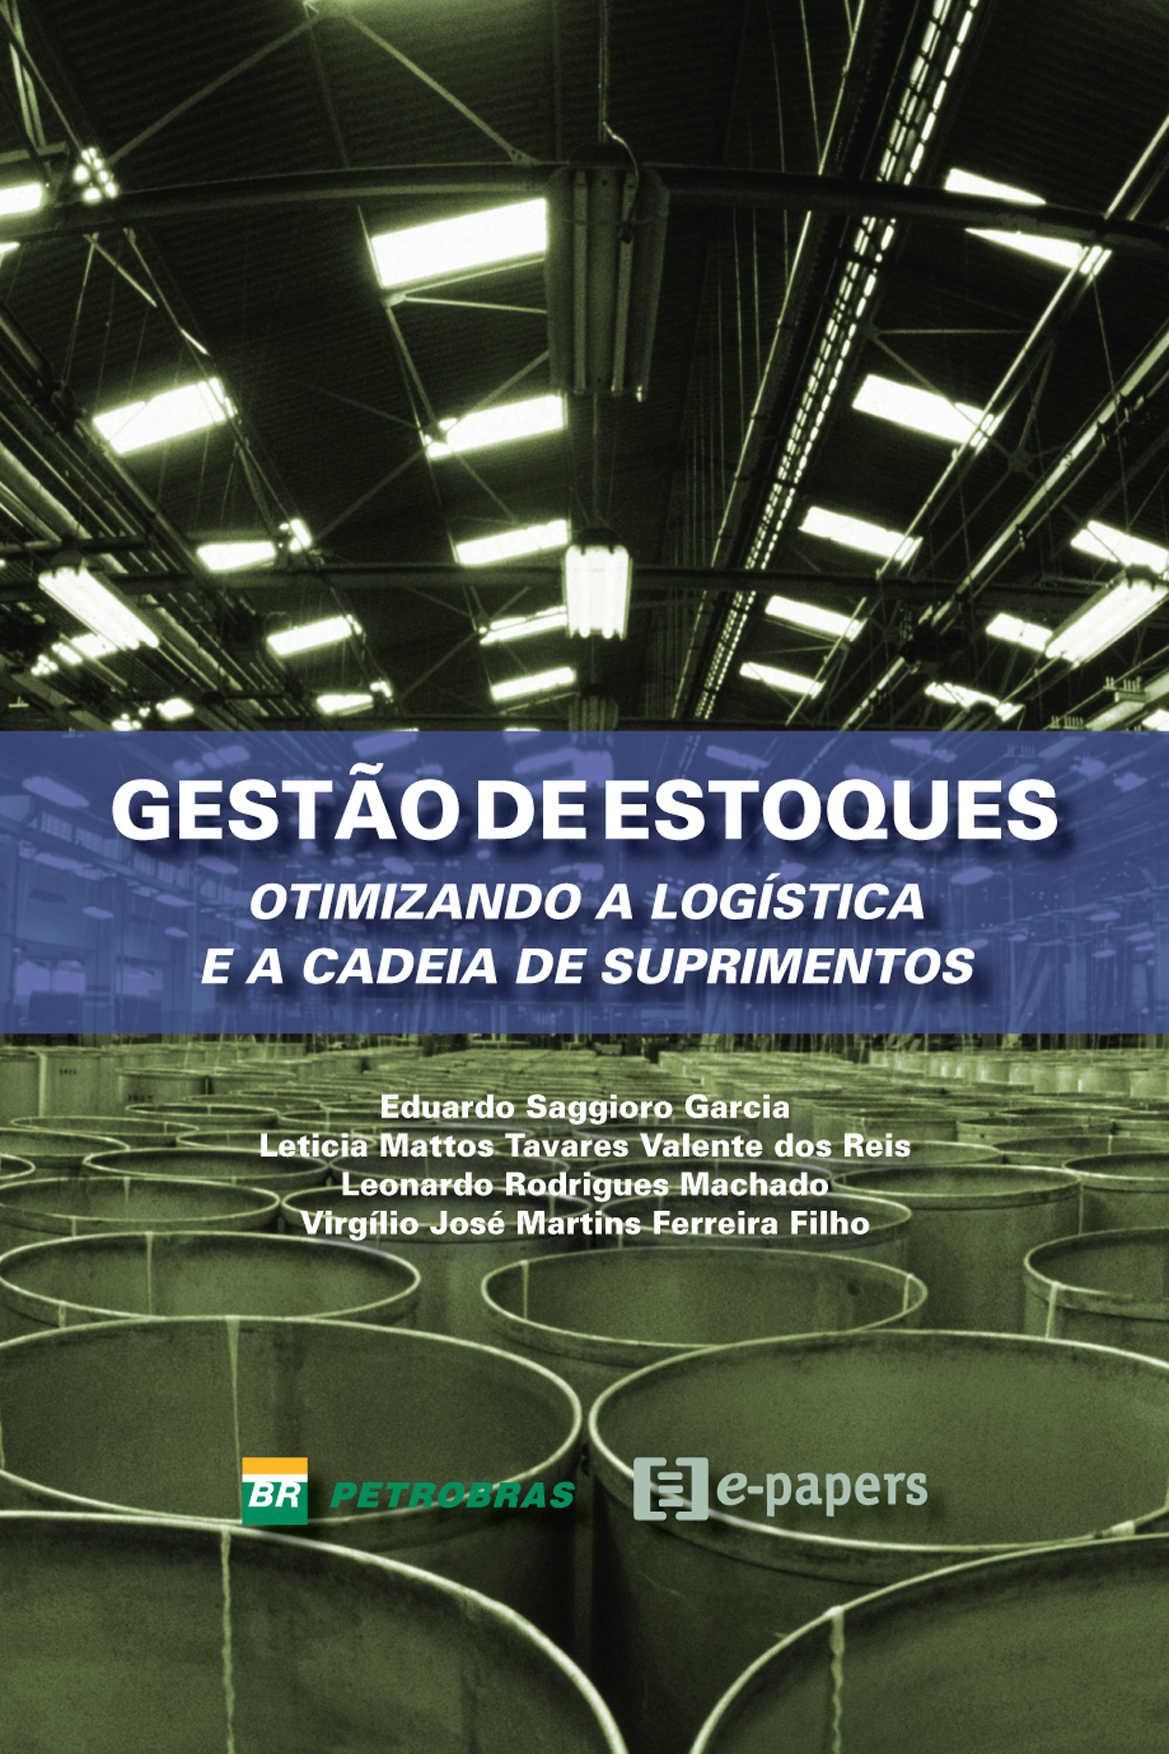 Gestão de Estoques: Otimizando a logística e a cadeia de suprimentos